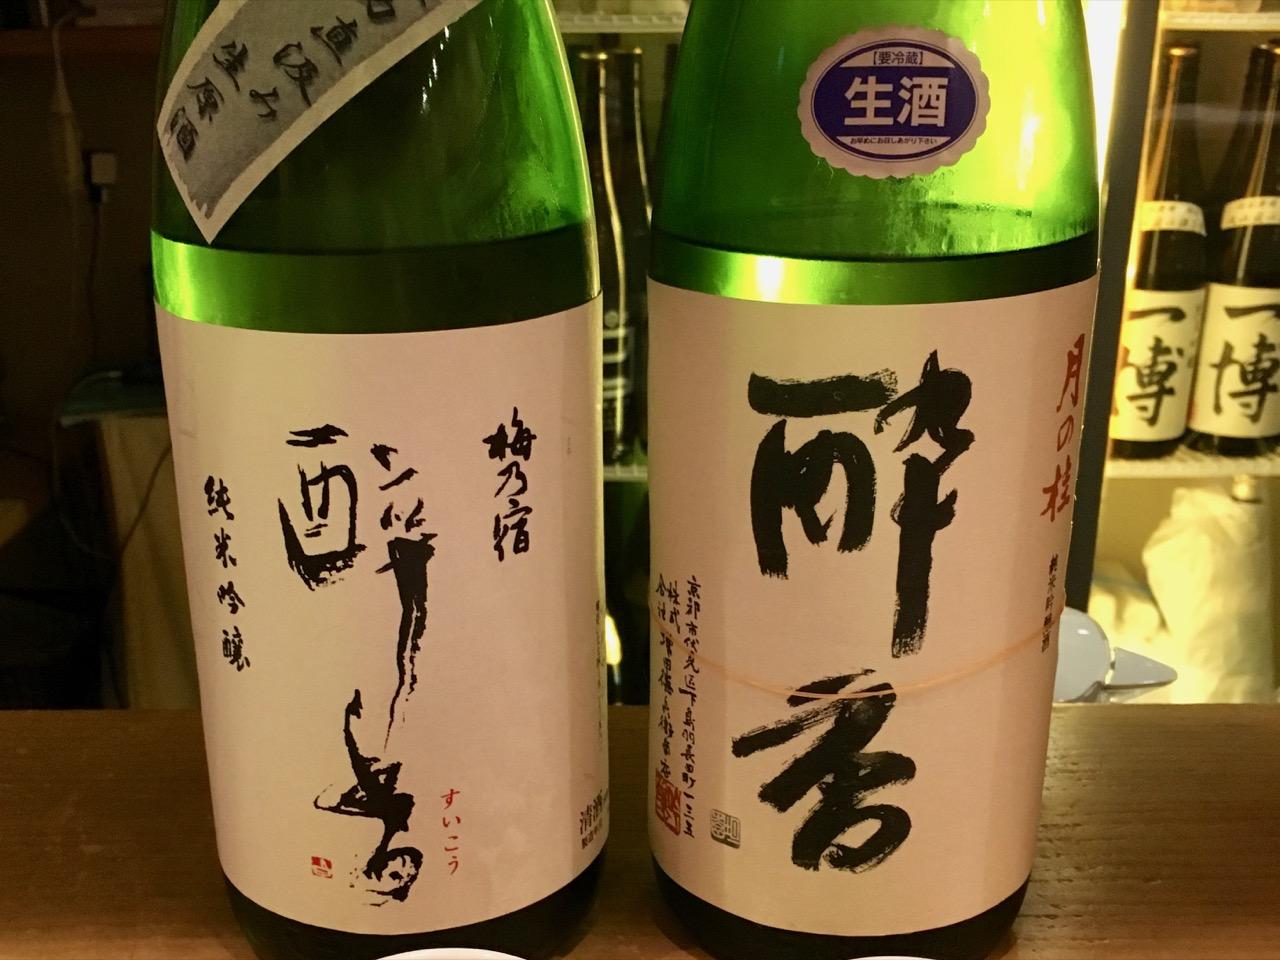 月の桂「酔香」、梅乃宿「酔香」飲み比べ|日本酒テイスティングノート